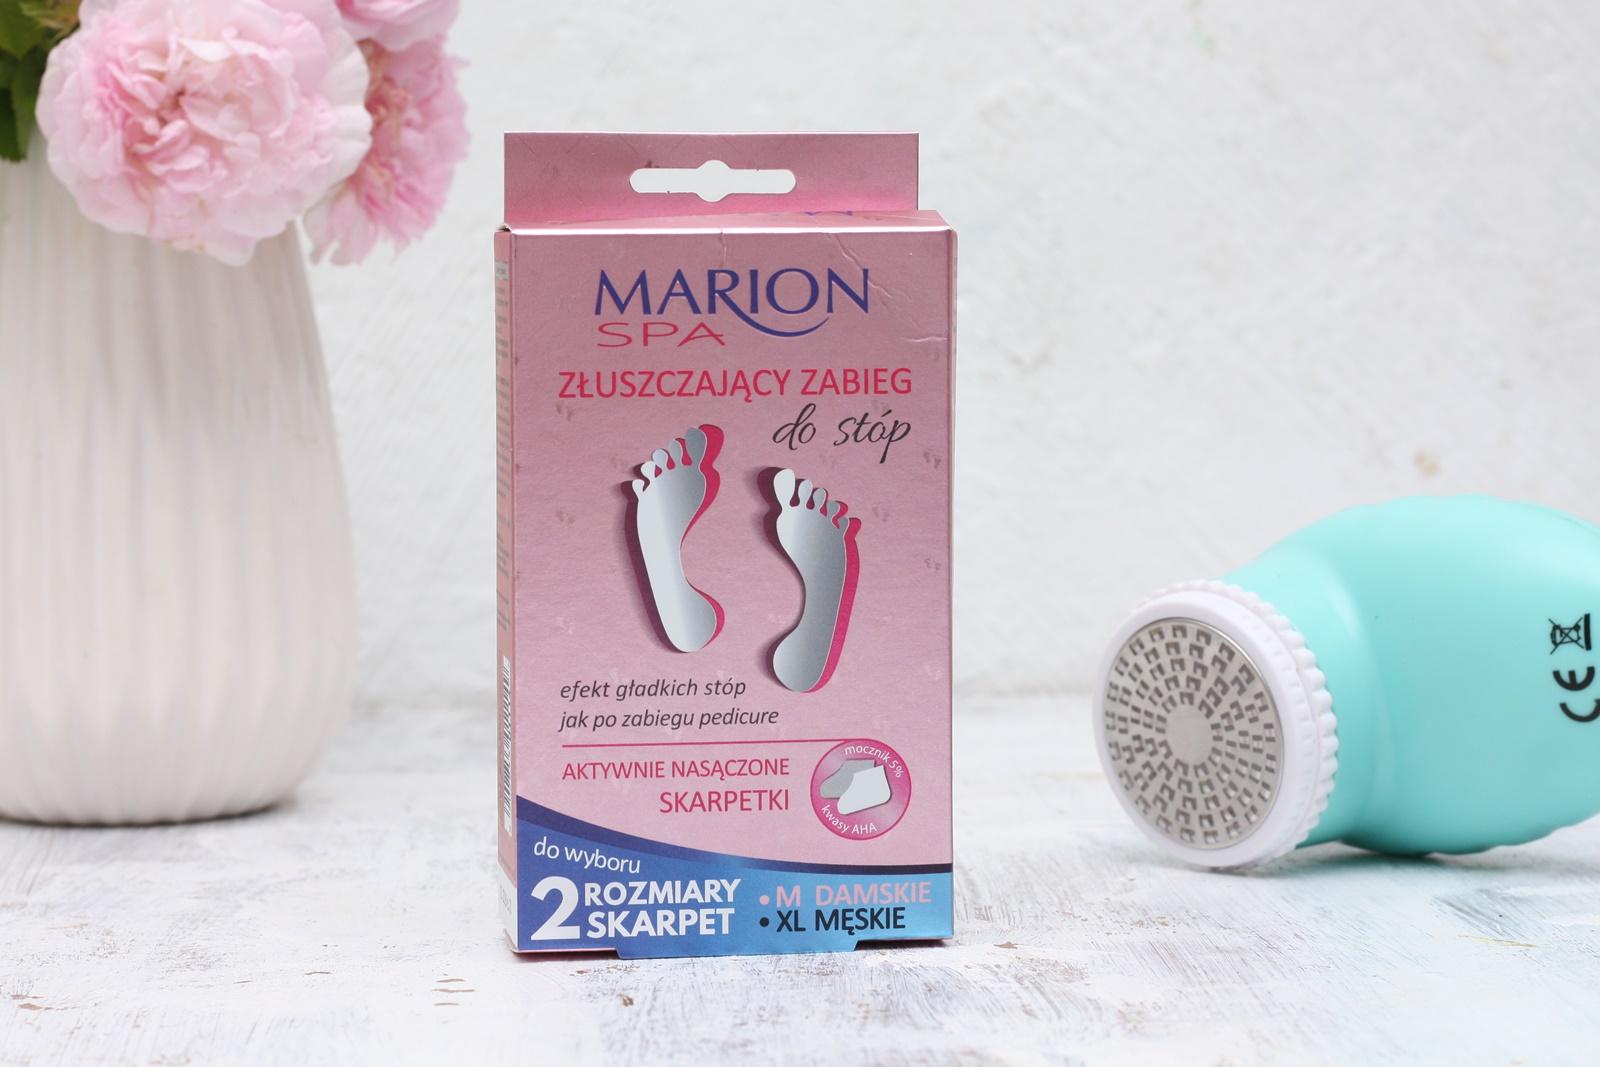 Marion SPA - złuszczający zabieg do stóp  - skarpetki złuszczające